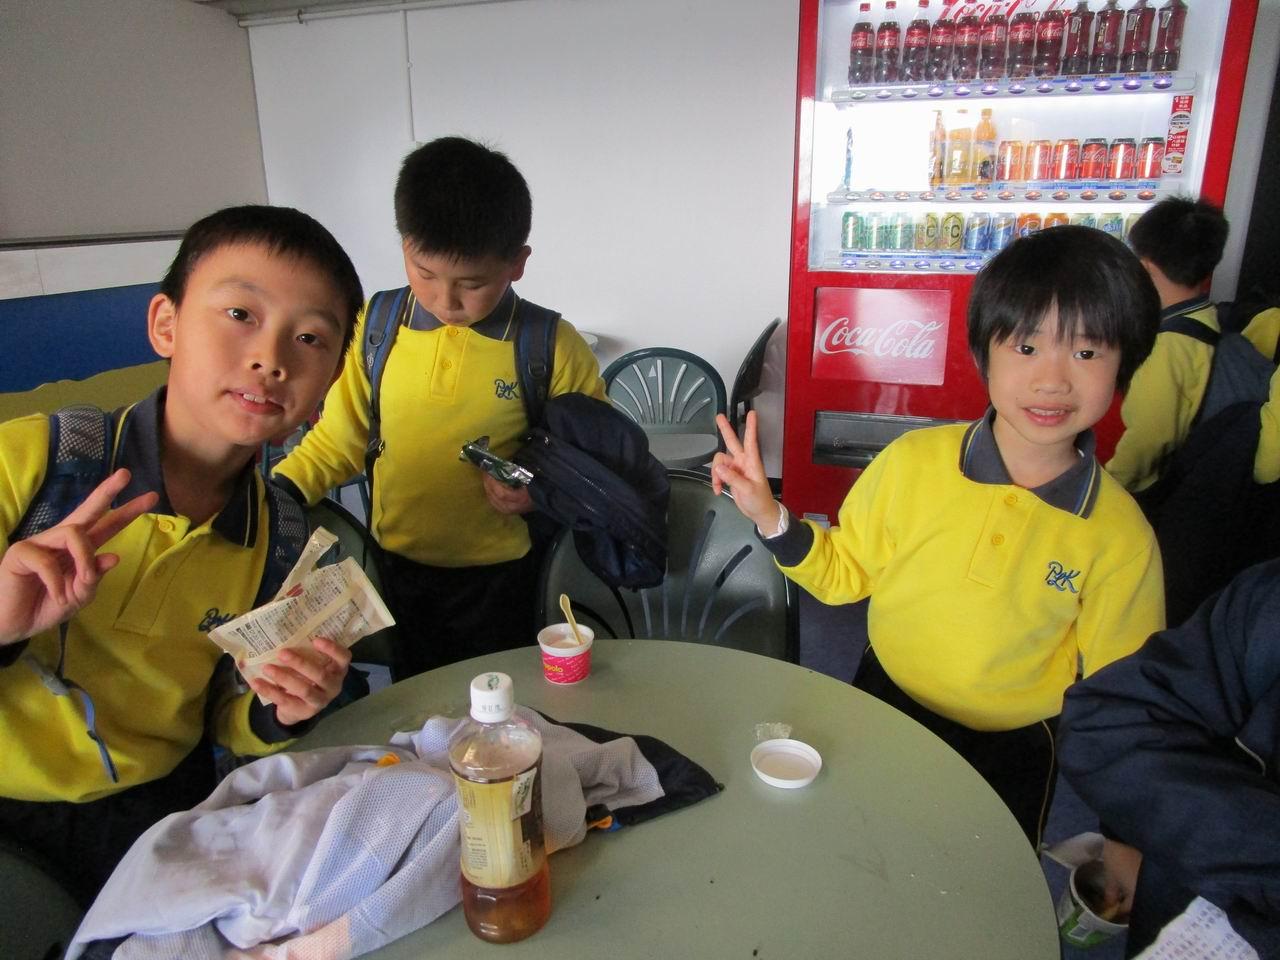 https://plkcjy.edu.hk/sites/default/files/diao_zheng_da_xiao_img_1319.jpg